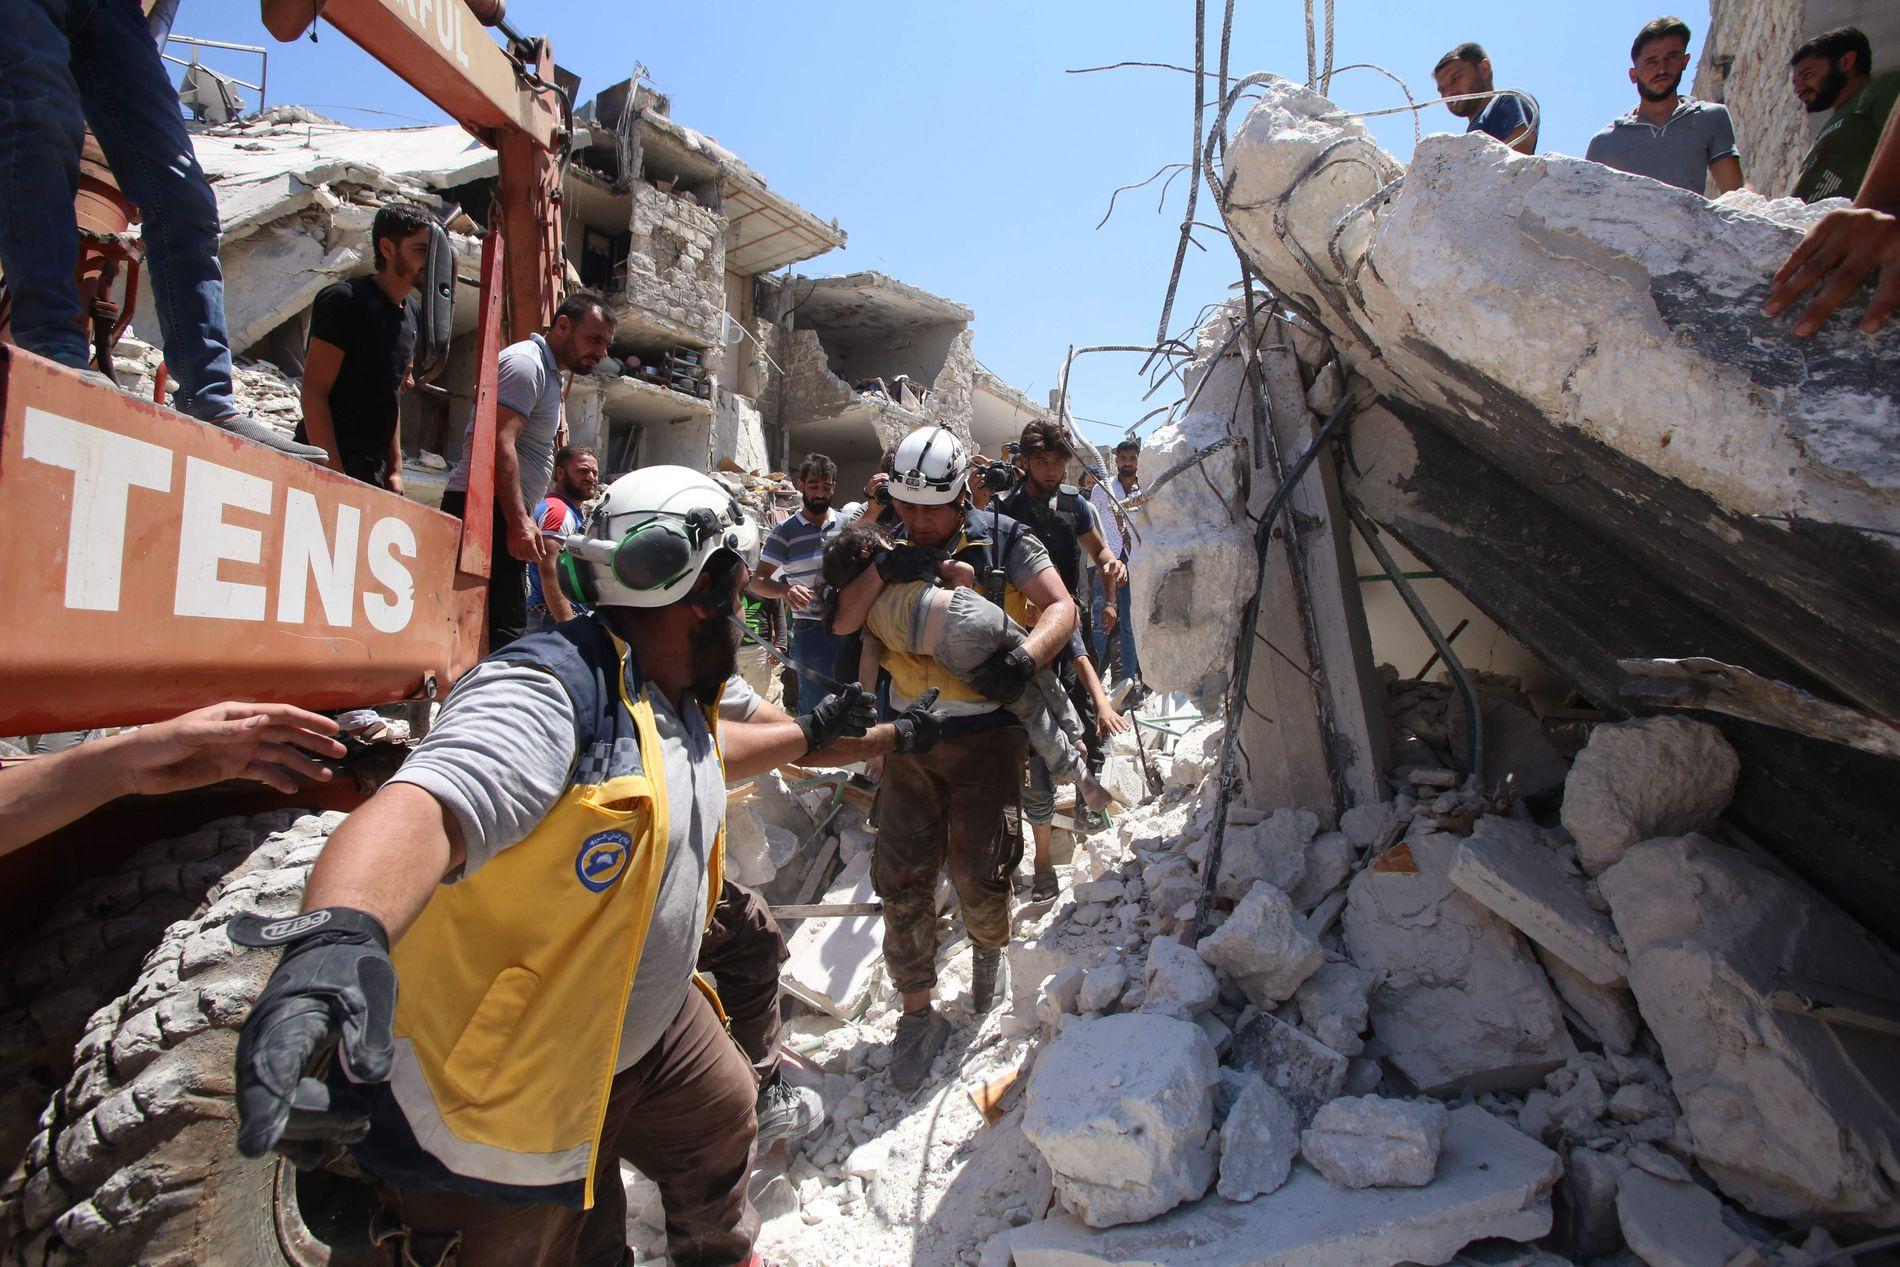 KRITISERES OG REDDER LIV: Redningsarbeidere i «De hvite hjelmene» evakuerer et skadet barn etter et bombeangrep den 7. juni. Tilhengere av det syriske regimet kritiserer livredderne fordi de operer i et område kontrollert av jihadister.